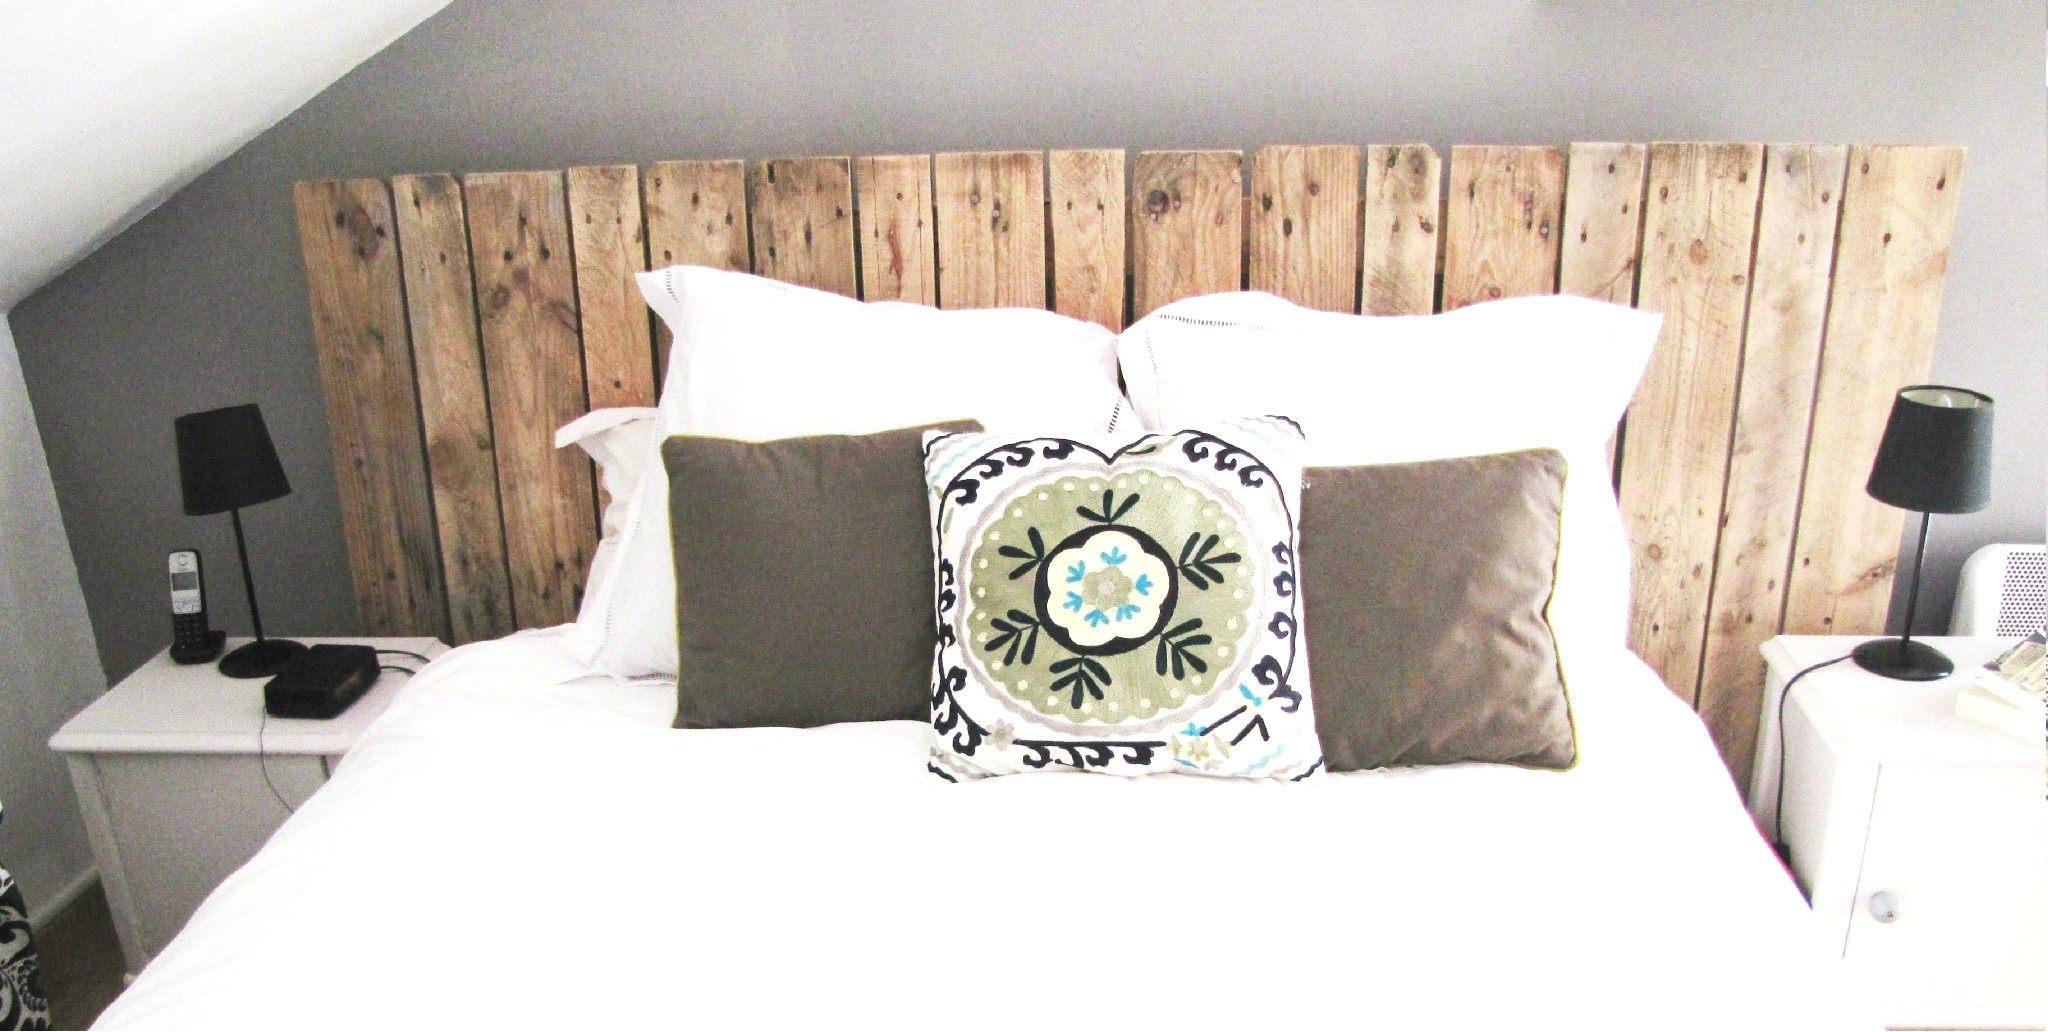 Tête De Lit 160 Avec Rangement De Luxe Tete De Lit Tissu Ikea Impressionnant Splendid Tete De Lit Avec Avec